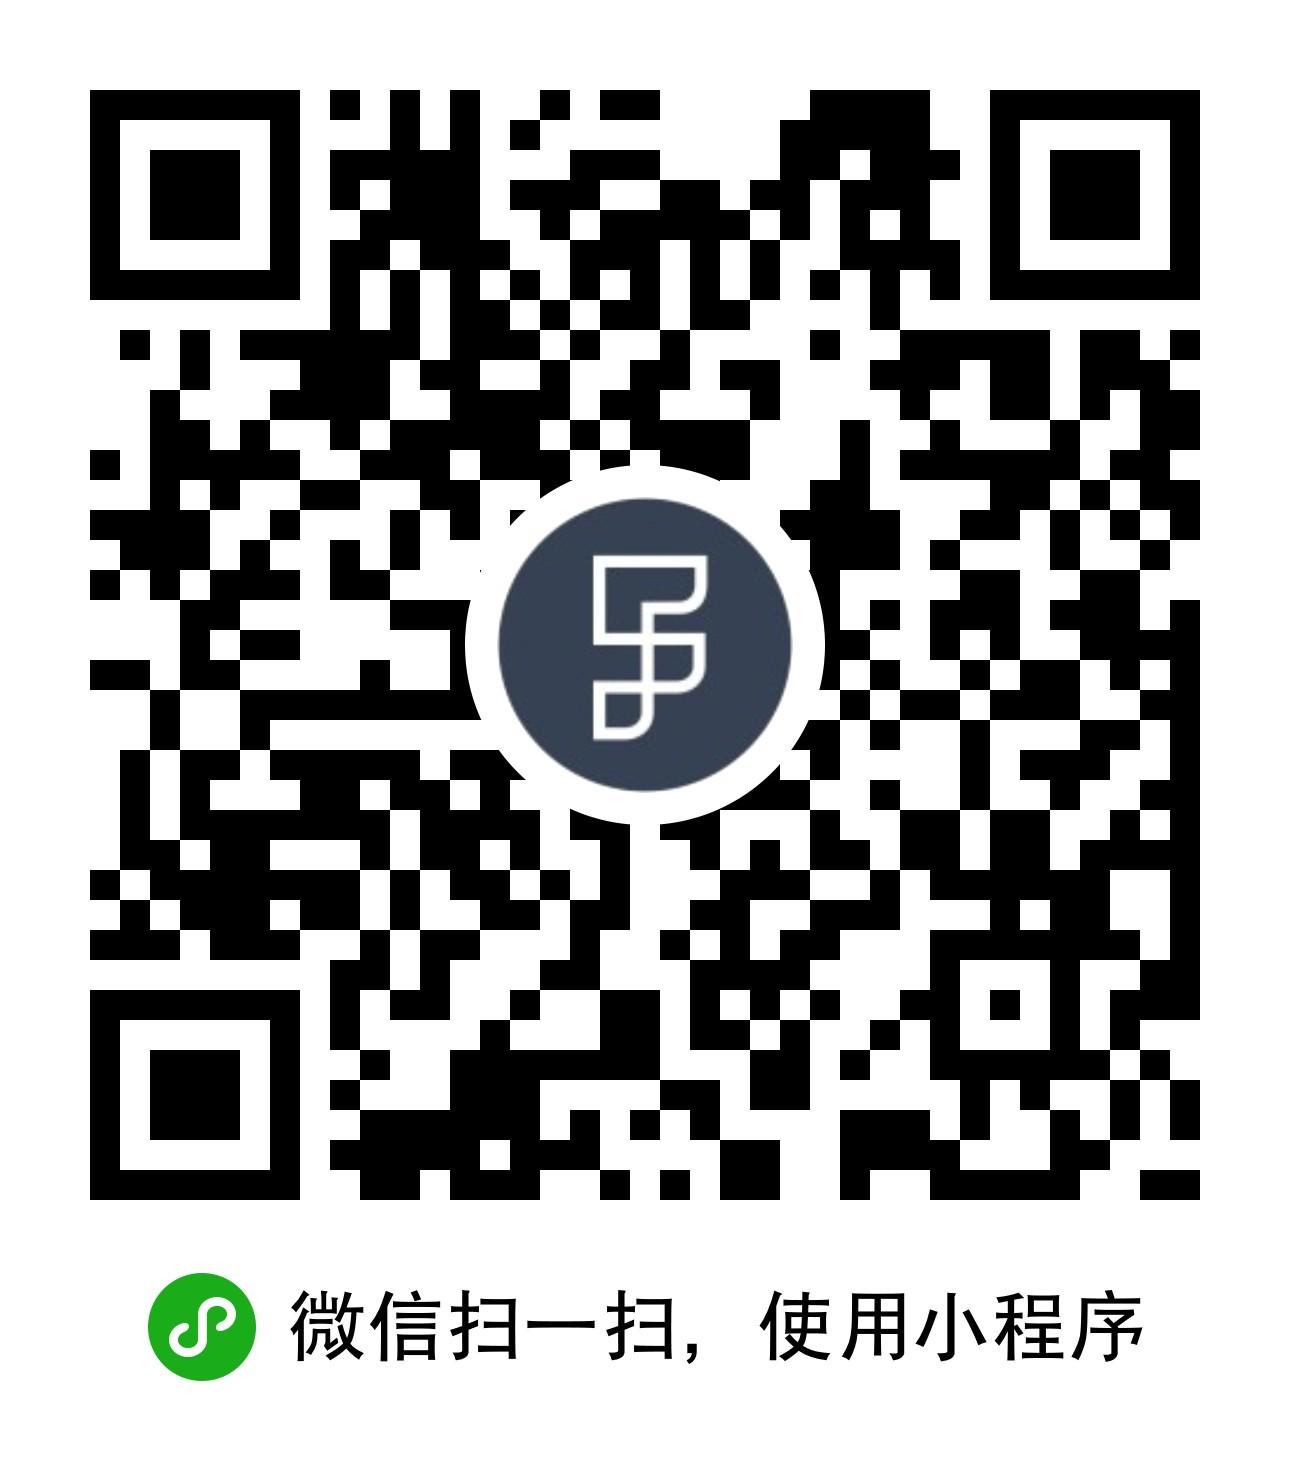 FellowPlus 创投数据库-微信小程序二维码